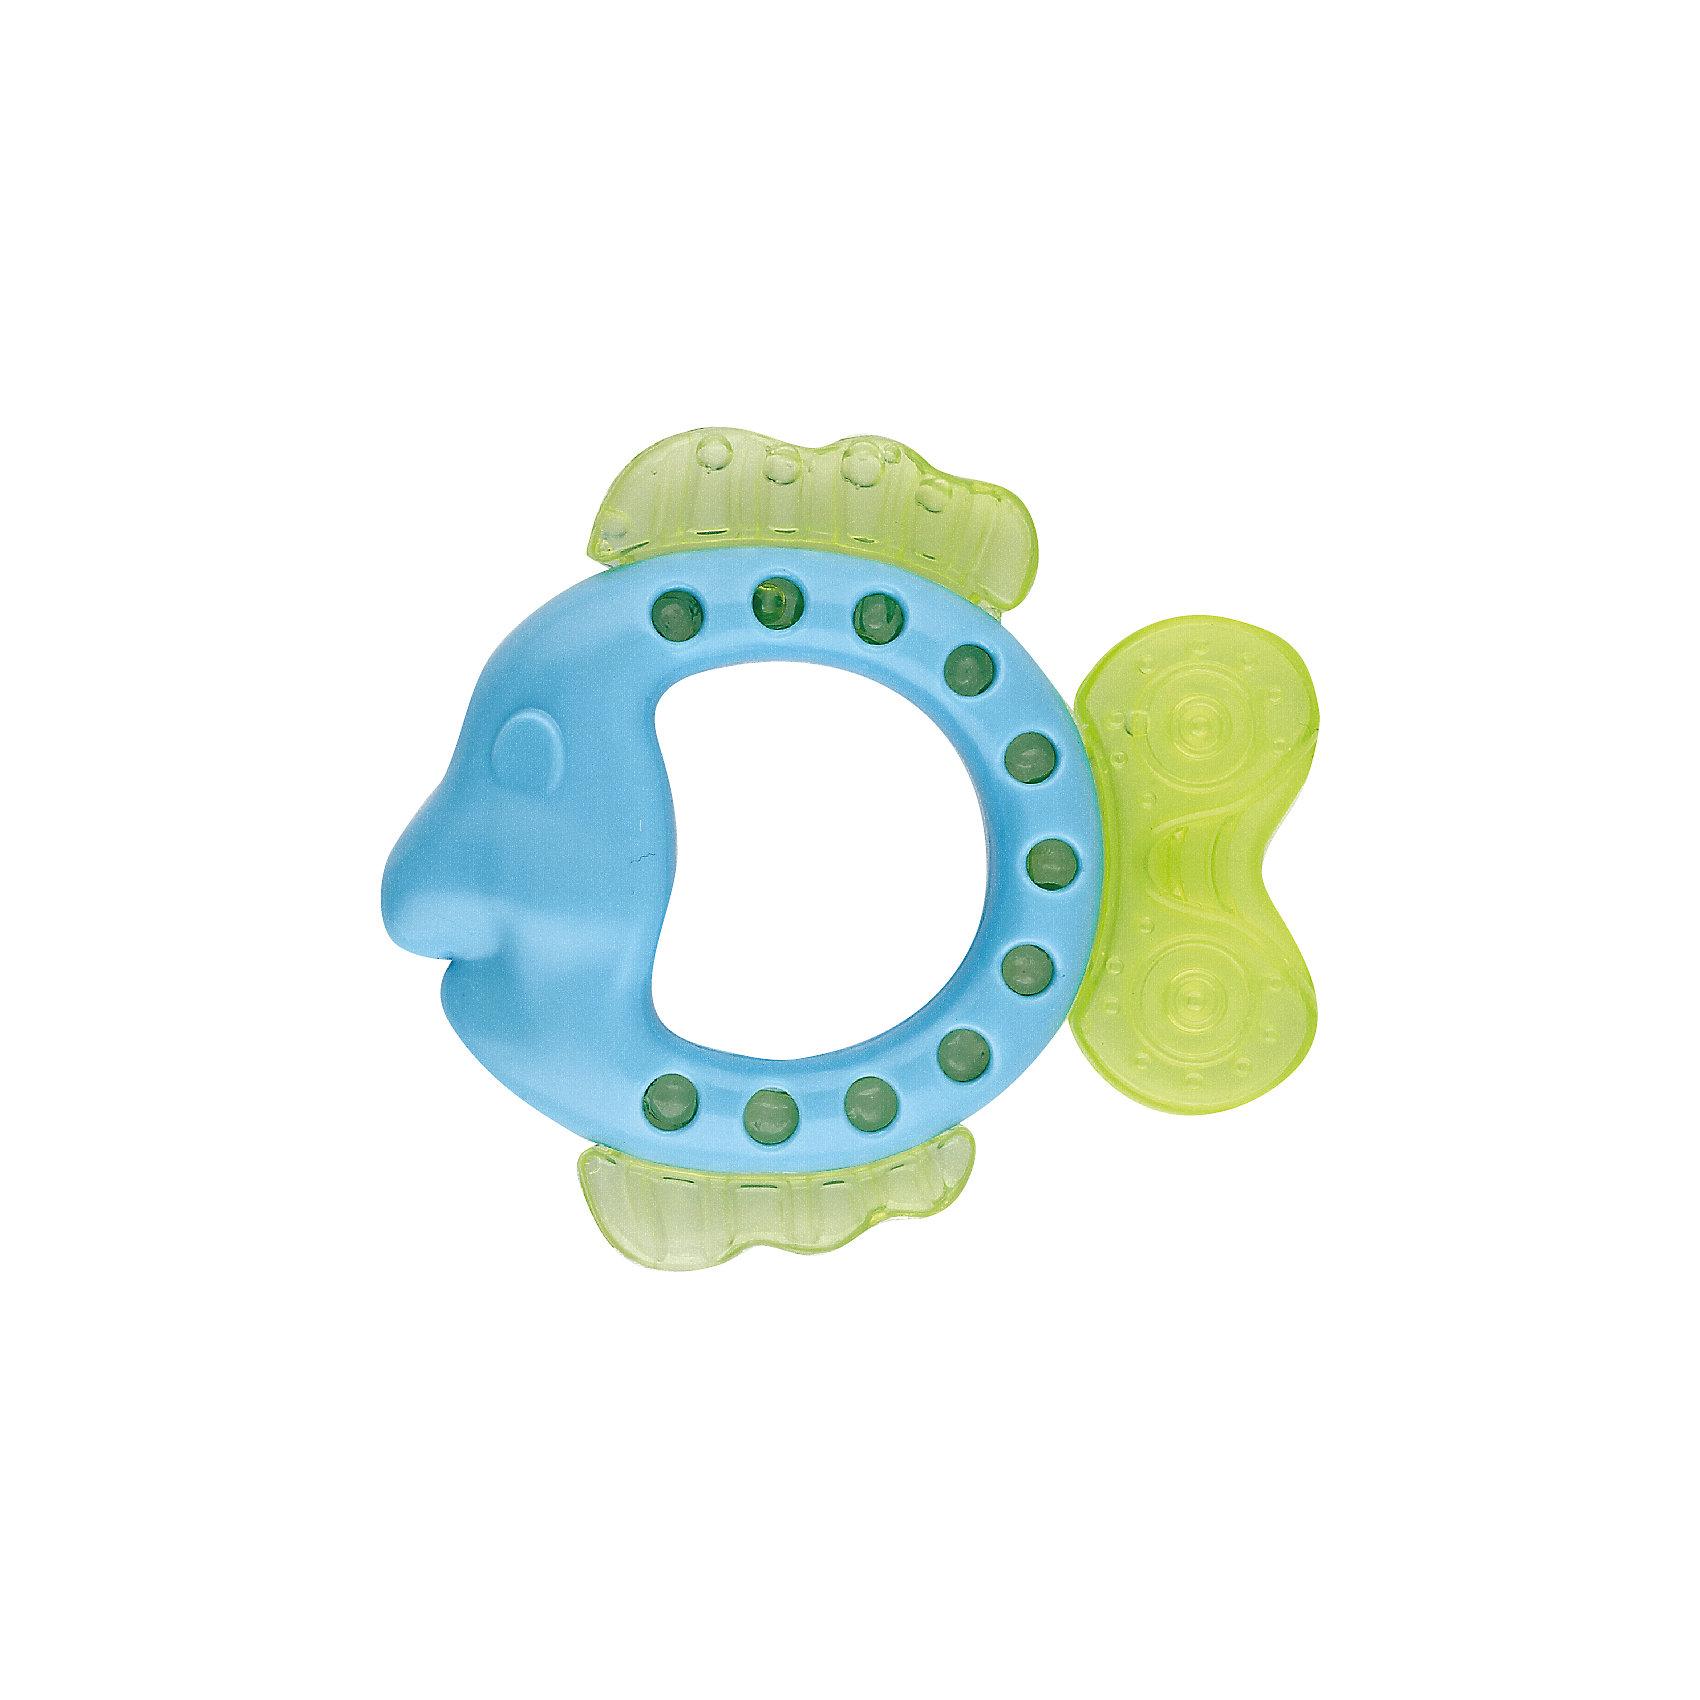 Игрушка с водой Рыбка, KurnosikiИгрушки для ванны<br>Характеристики:<br><br>• Наименование: прорезыватель<br>• Пол: универсальный<br>• Материал: пластик, вода<br>• Цвет: зеленый, голубой<br>• Наличие выпуклых элементов разной формы и фактуры <br>• Вес: 105 г<br>• Параметры (Д*Ш*В): 10,5*9*2,5 см <br>• Упаковка: блистер c с европодвесом<br><br>Игрушка с водой Рыбка, Kurnosiki выполнена из пластика различной фактуры. Корпус прорезывателя представляет собой рыбку, плавники которой выполнены из мягкого полимера, наполненного водой. Поверхность игрушки с выпуклыми элементами различной формы обеспечивает массаж десен, а плавники и хвостик с водой обладают охлаждающим эффектом. <br><br>Прорезыватель имеет эргономичную форму, благодаря чему малышу будет не только удобно держать в руках, но и развивать хватательный рефлекс. За счет деталей, выполненных в ярких цветах, прорезыватель позволит развивать цветовое и зрительное восприятие у ребенка.<br><br>Игрушку с водой Рыбка, Kurnosiki можно купить в нашем интернет-магазине.<br><br>Ширина мм: 30<br>Глубина мм: 120<br>Высота мм: 170<br>Вес г: 78<br>Возраст от месяцев: 4<br>Возраст до месяцев: 18<br>Пол: Унисекс<br>Возраст: Детский<br>SKU: 5428664